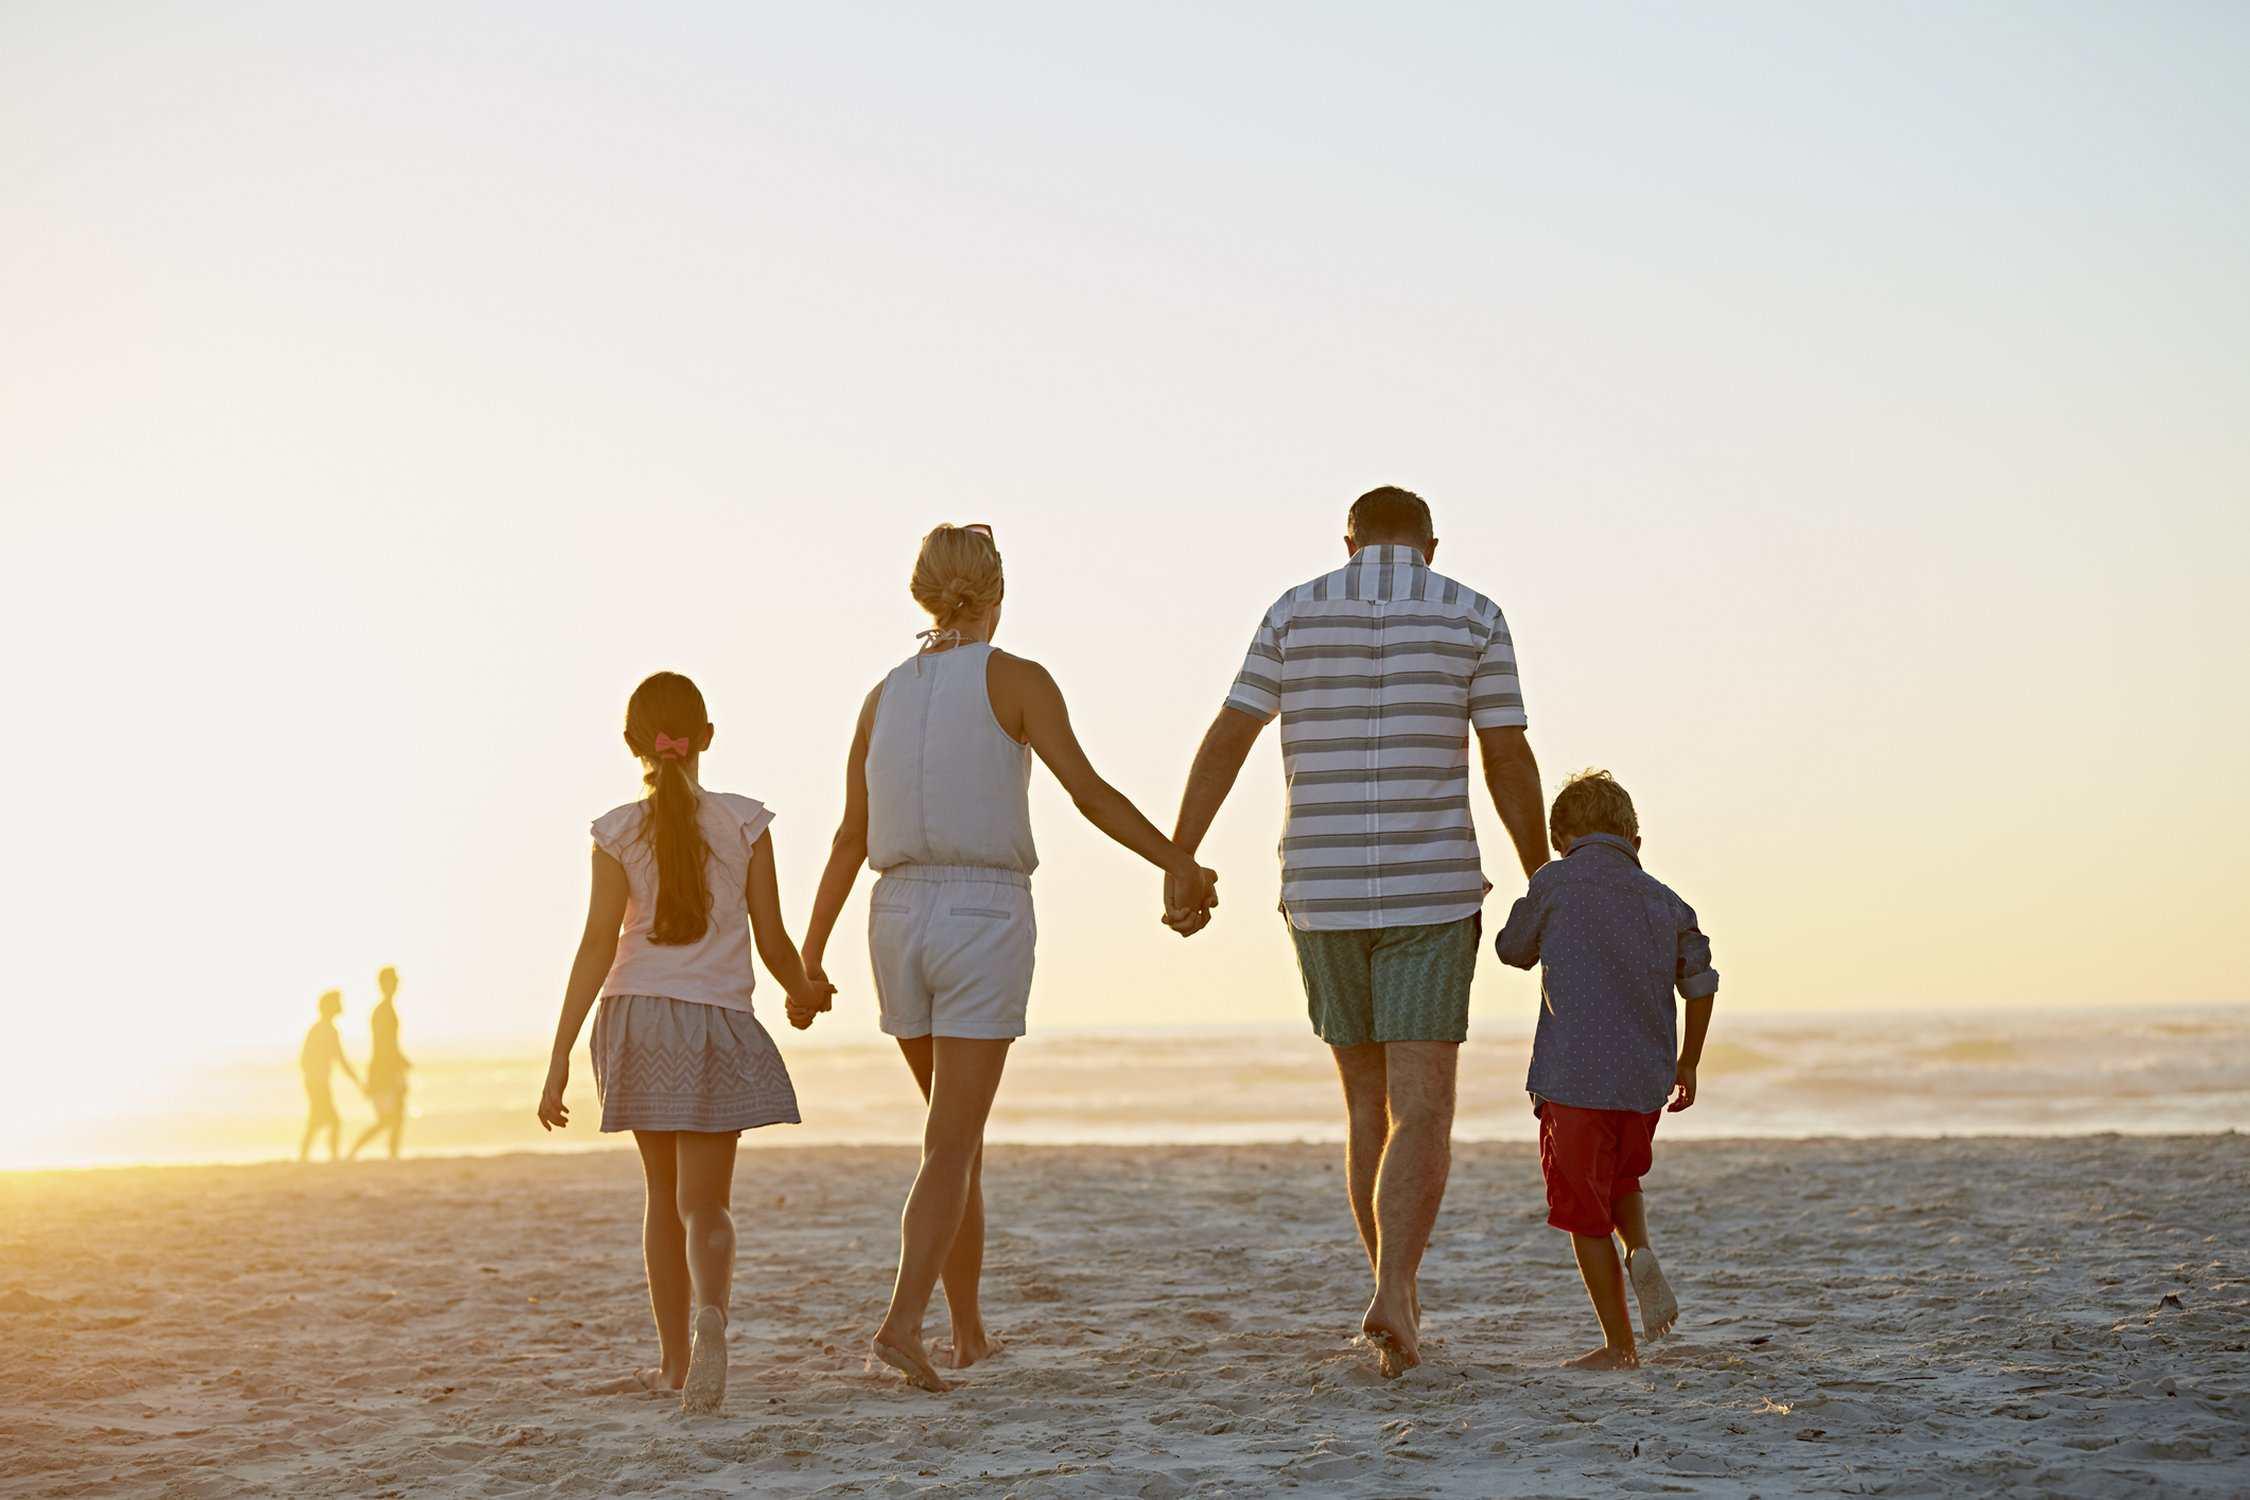 Ein Bild von einer Familie, die zusammen